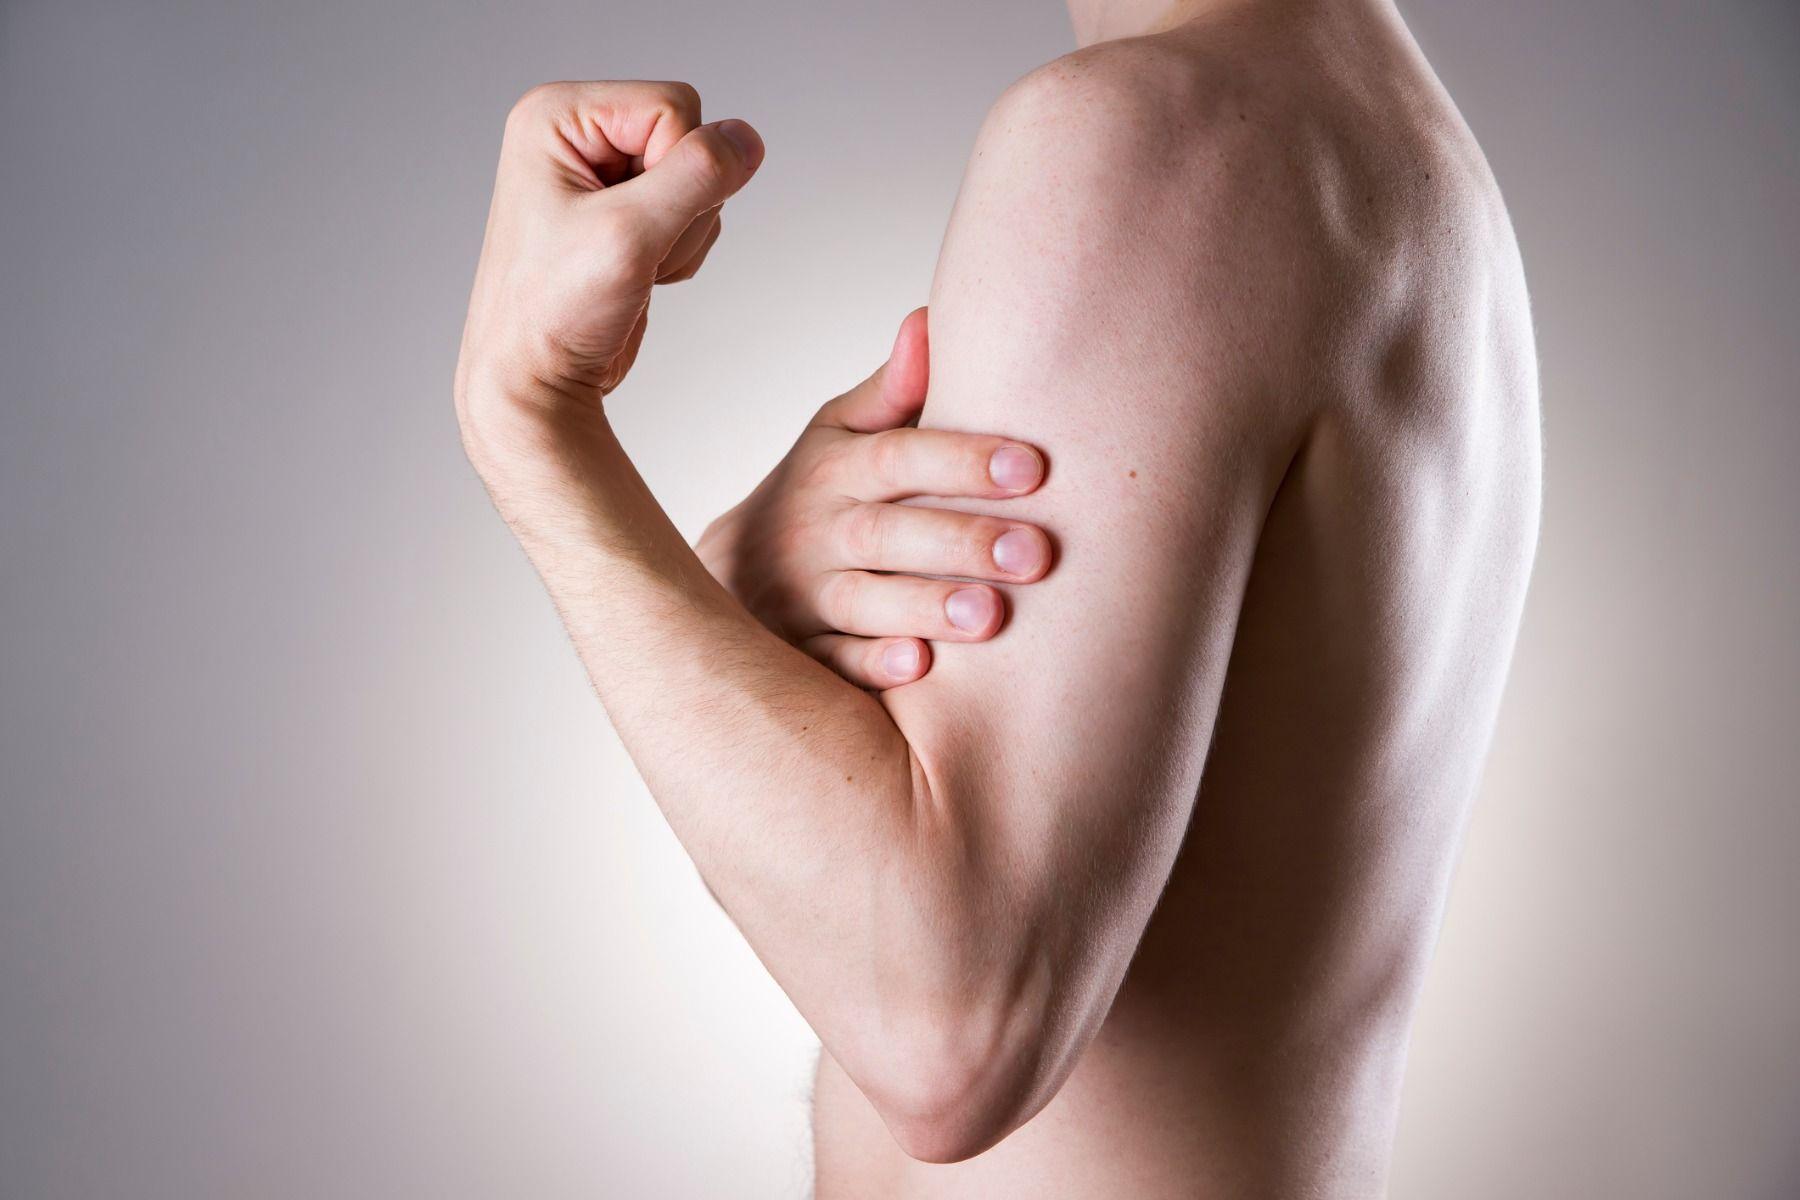 hogyan kell kezelni a gyenge merevedést impotens embereknek van-e reggeli erekciójuk